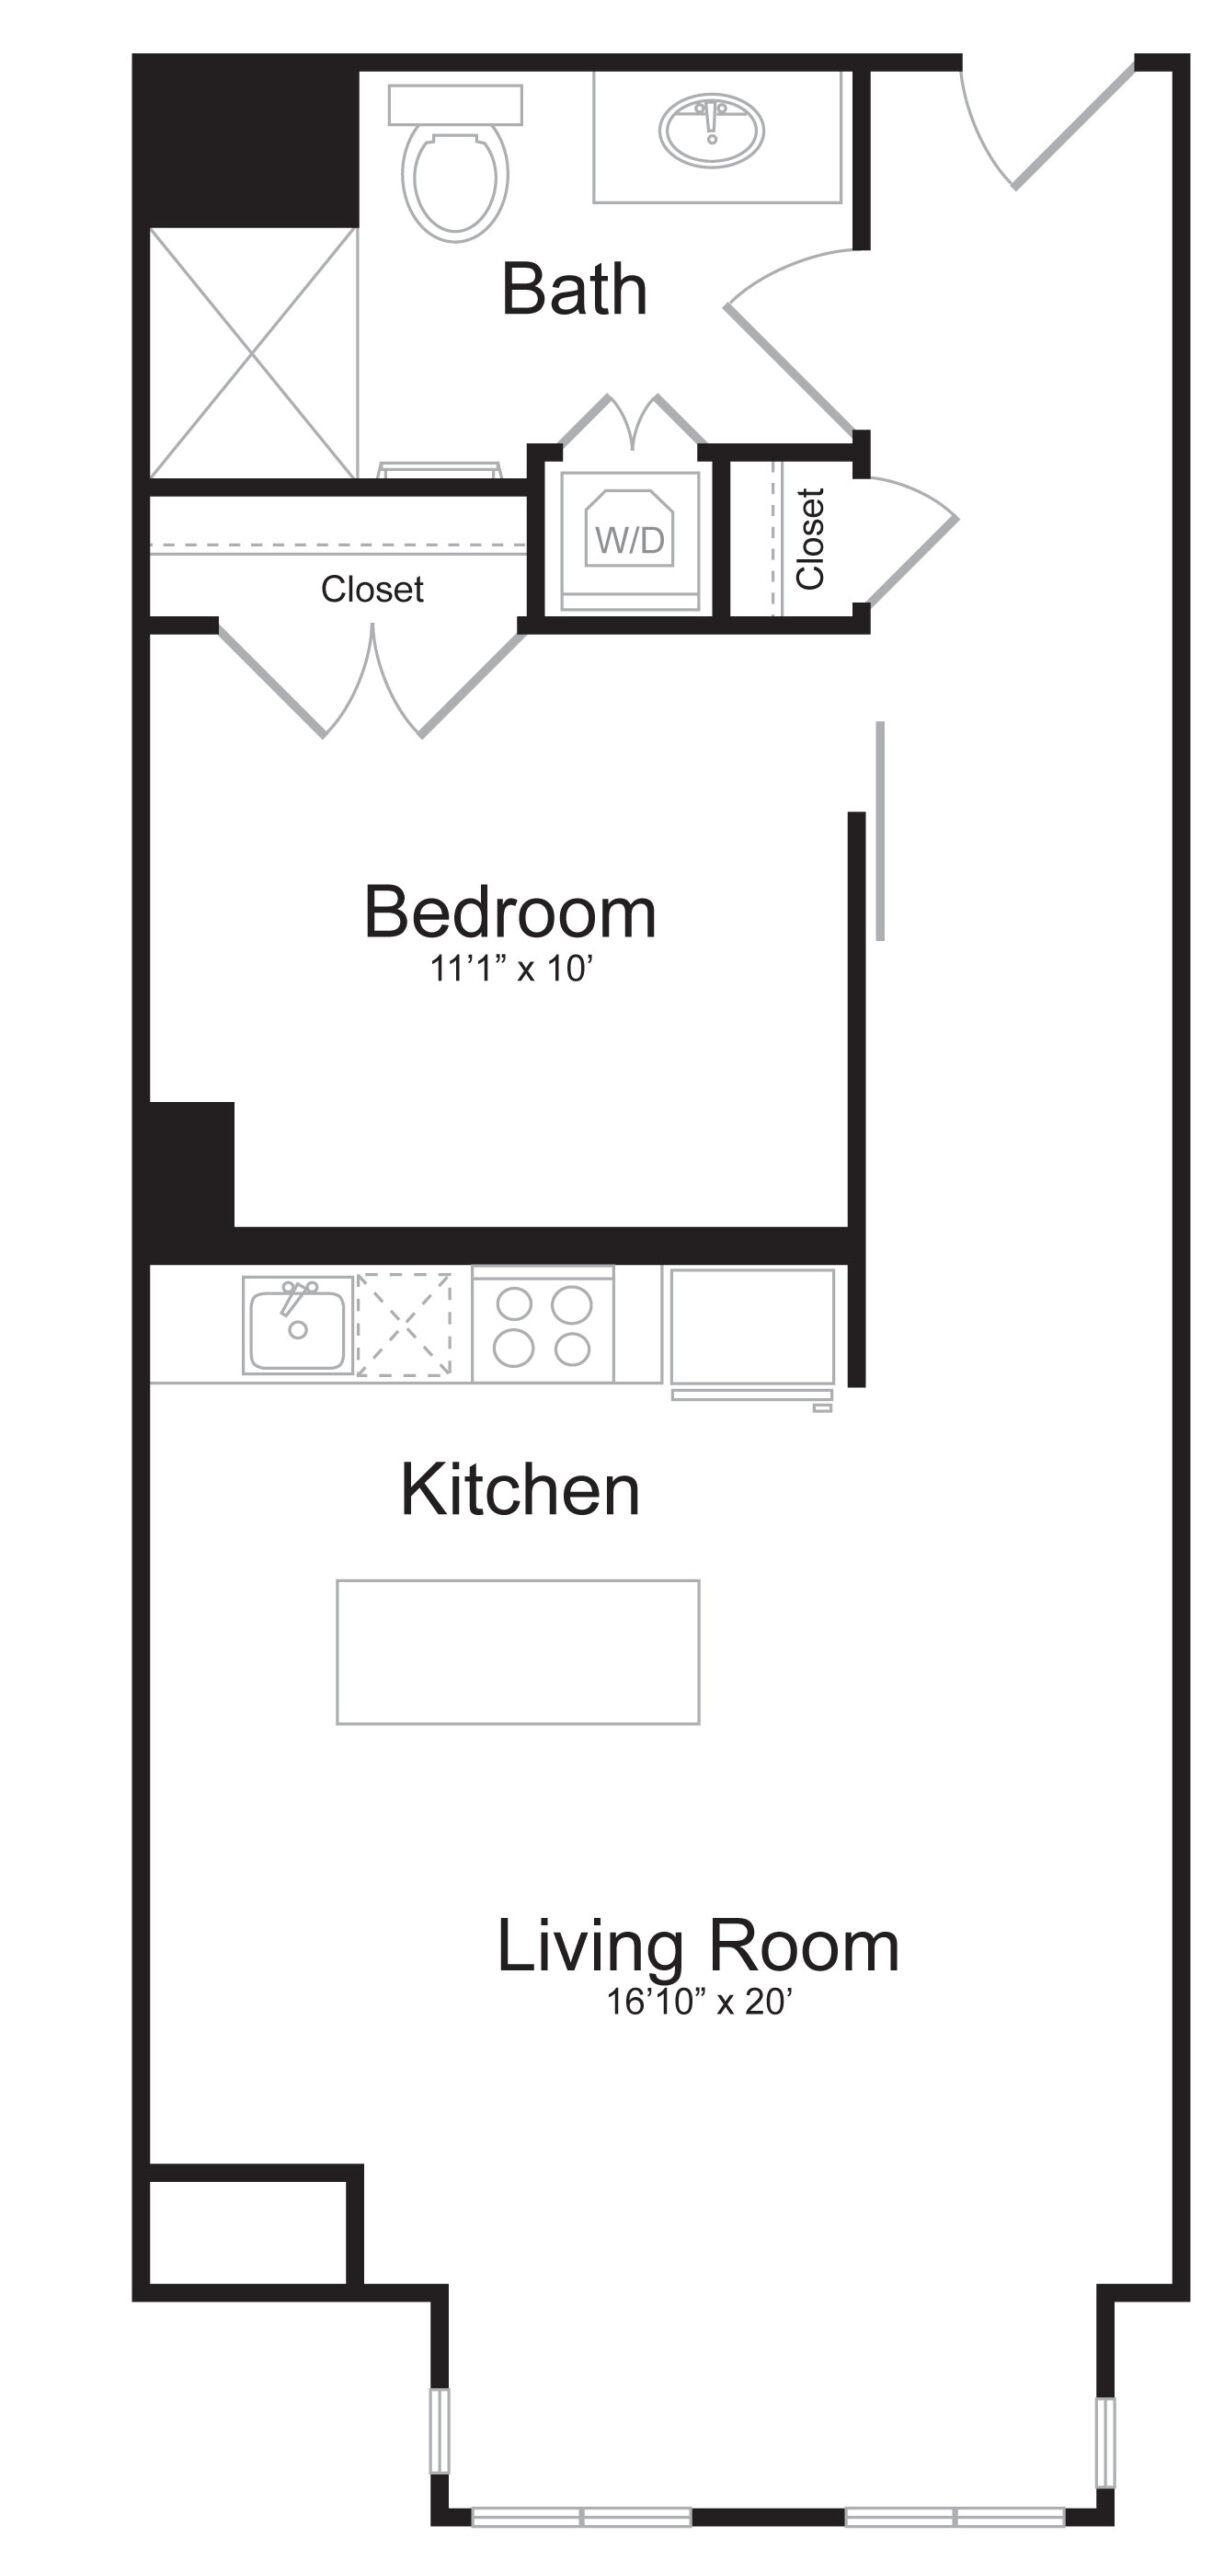 E2 - 1 Bed 1 Bath - 651 SF